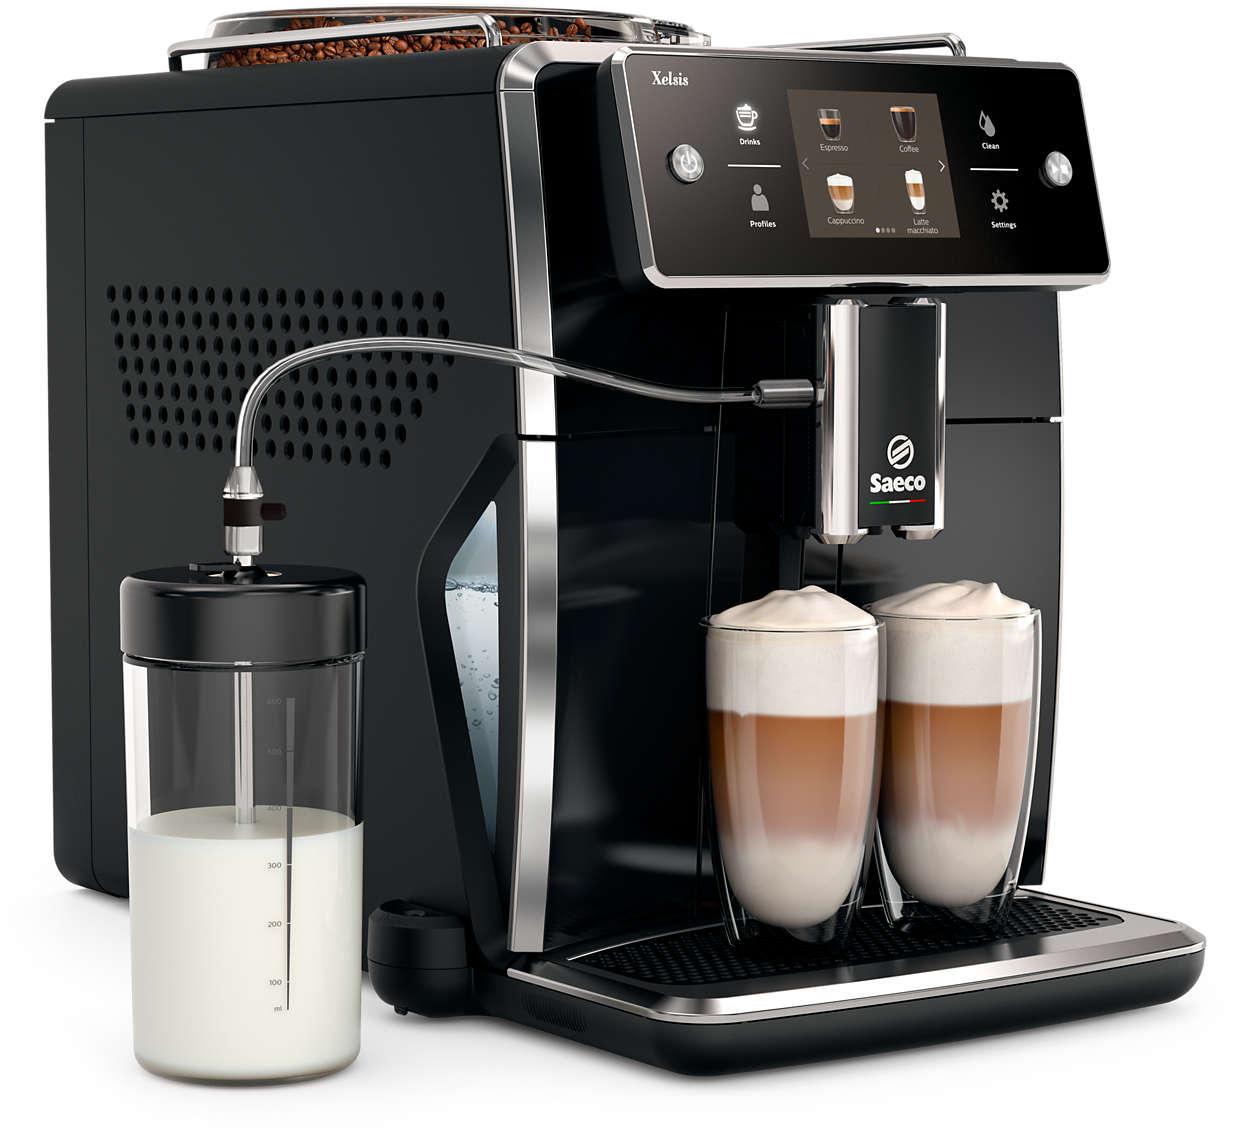 00230570e7ee Xelsis Automatyczny ekspres do kawy SM7680 00